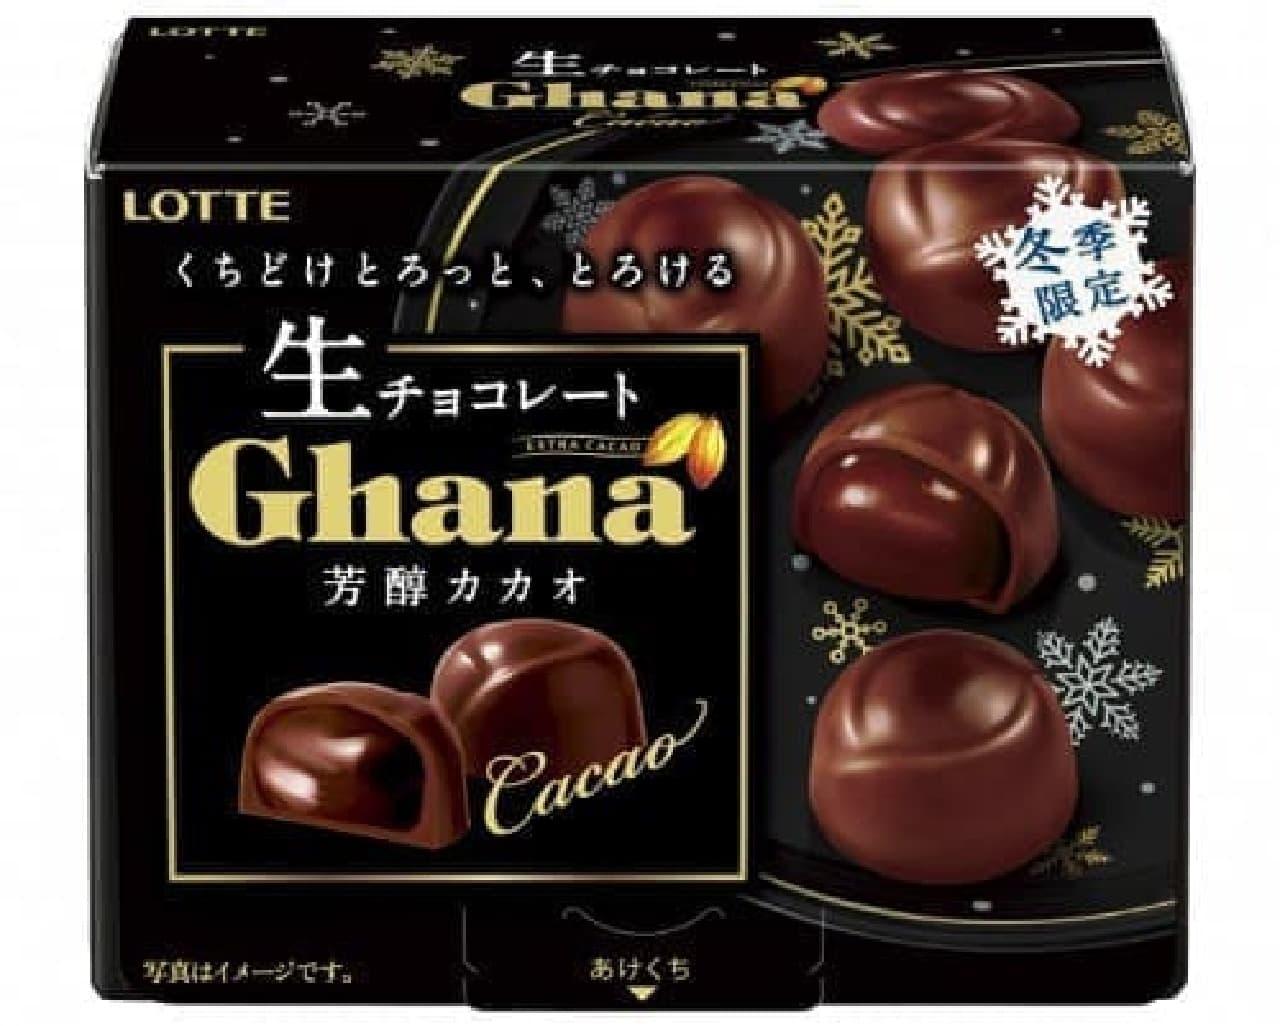 ロッテ「ガーナ生チョコレート<芳醇カカオ>」